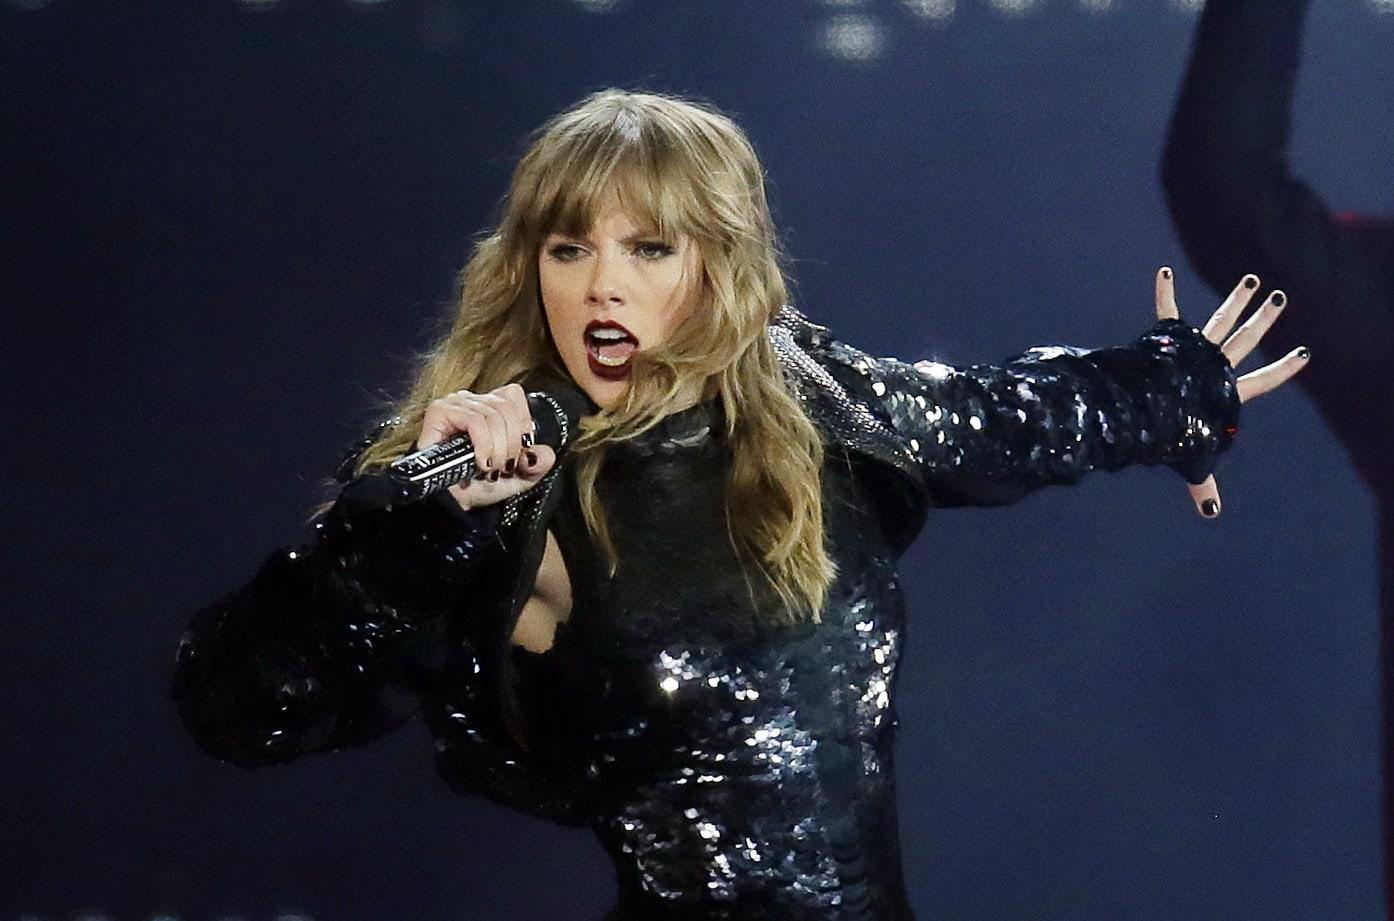 Drohbriefe und Stalking von Taylor Swift: Mann bekennt sich schuldig - Tonight News